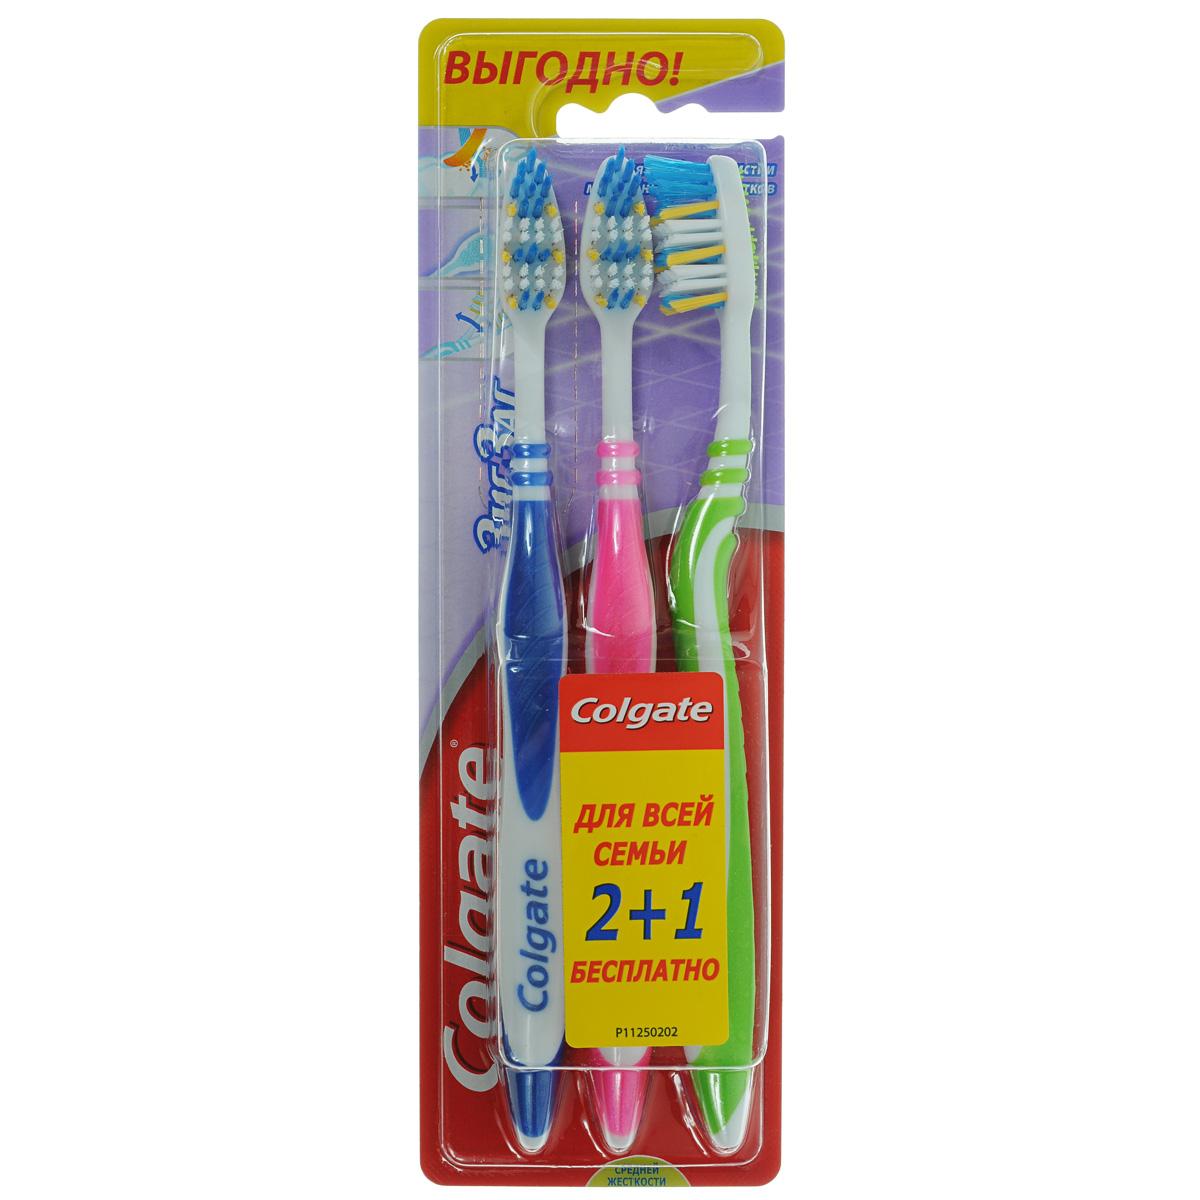 Colgate Зубная щетка Зиг-Заг, средней жесткости, 2+1FVN59964Colgate Зиг-Заг - зубная щетка средней жесткости. Перекрещивающиеся щетинки идеально подойдут для чистки межзубных промежутков. Эргономичная ручка не скользит в ладони, амортизирует давление руки на нежную поверхность десен. Товар сертифицирован. Длина щетки: 19 см.Размер рабочей поверхности: 3 см х 1,5 см.Материал: пластик.Комплектация: 3 шт.